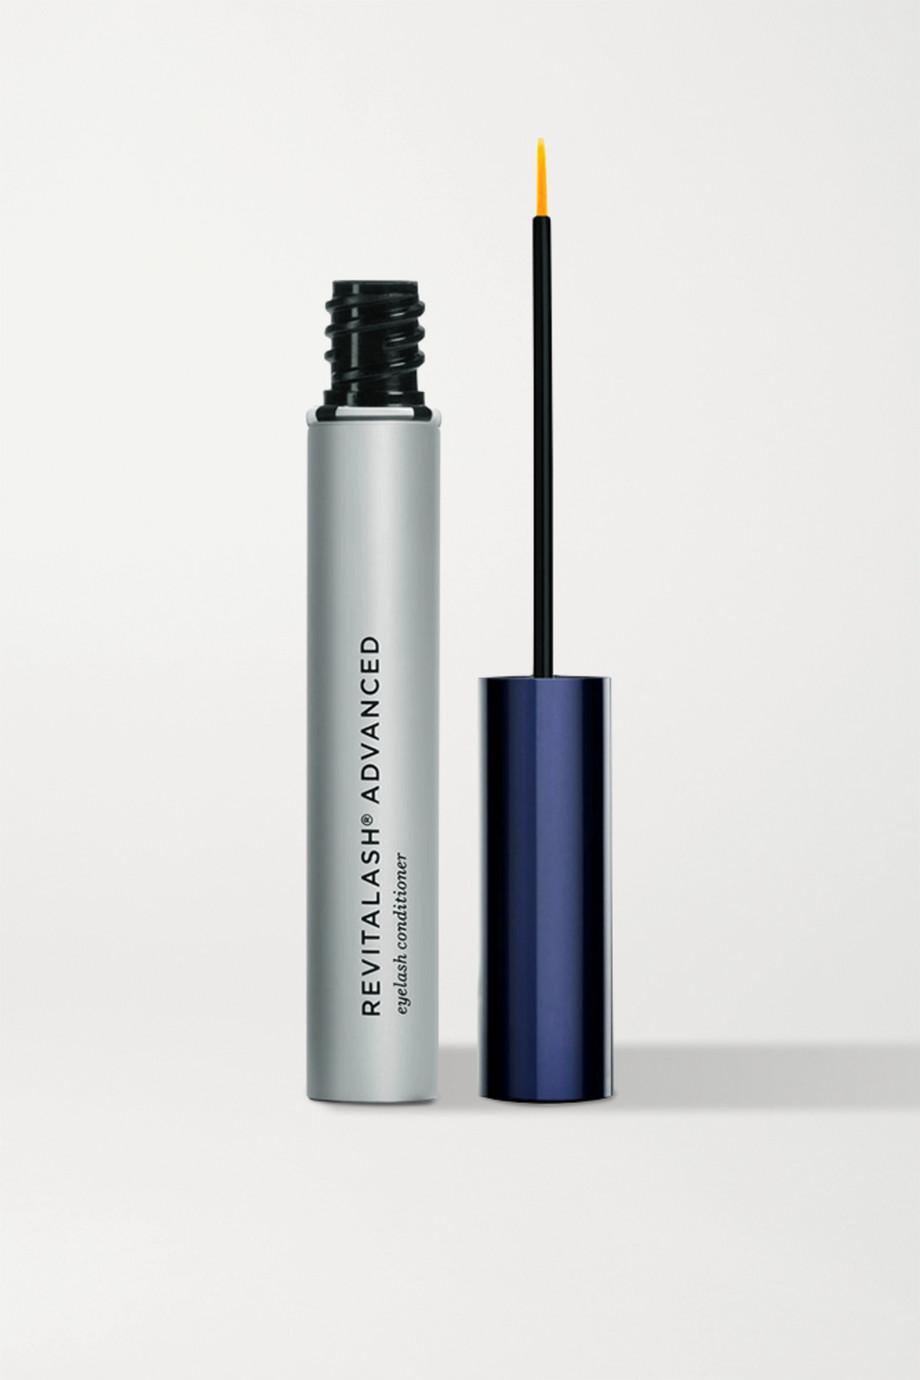 RevitaLash  Advanced Eyelash Conditioner, 2ml